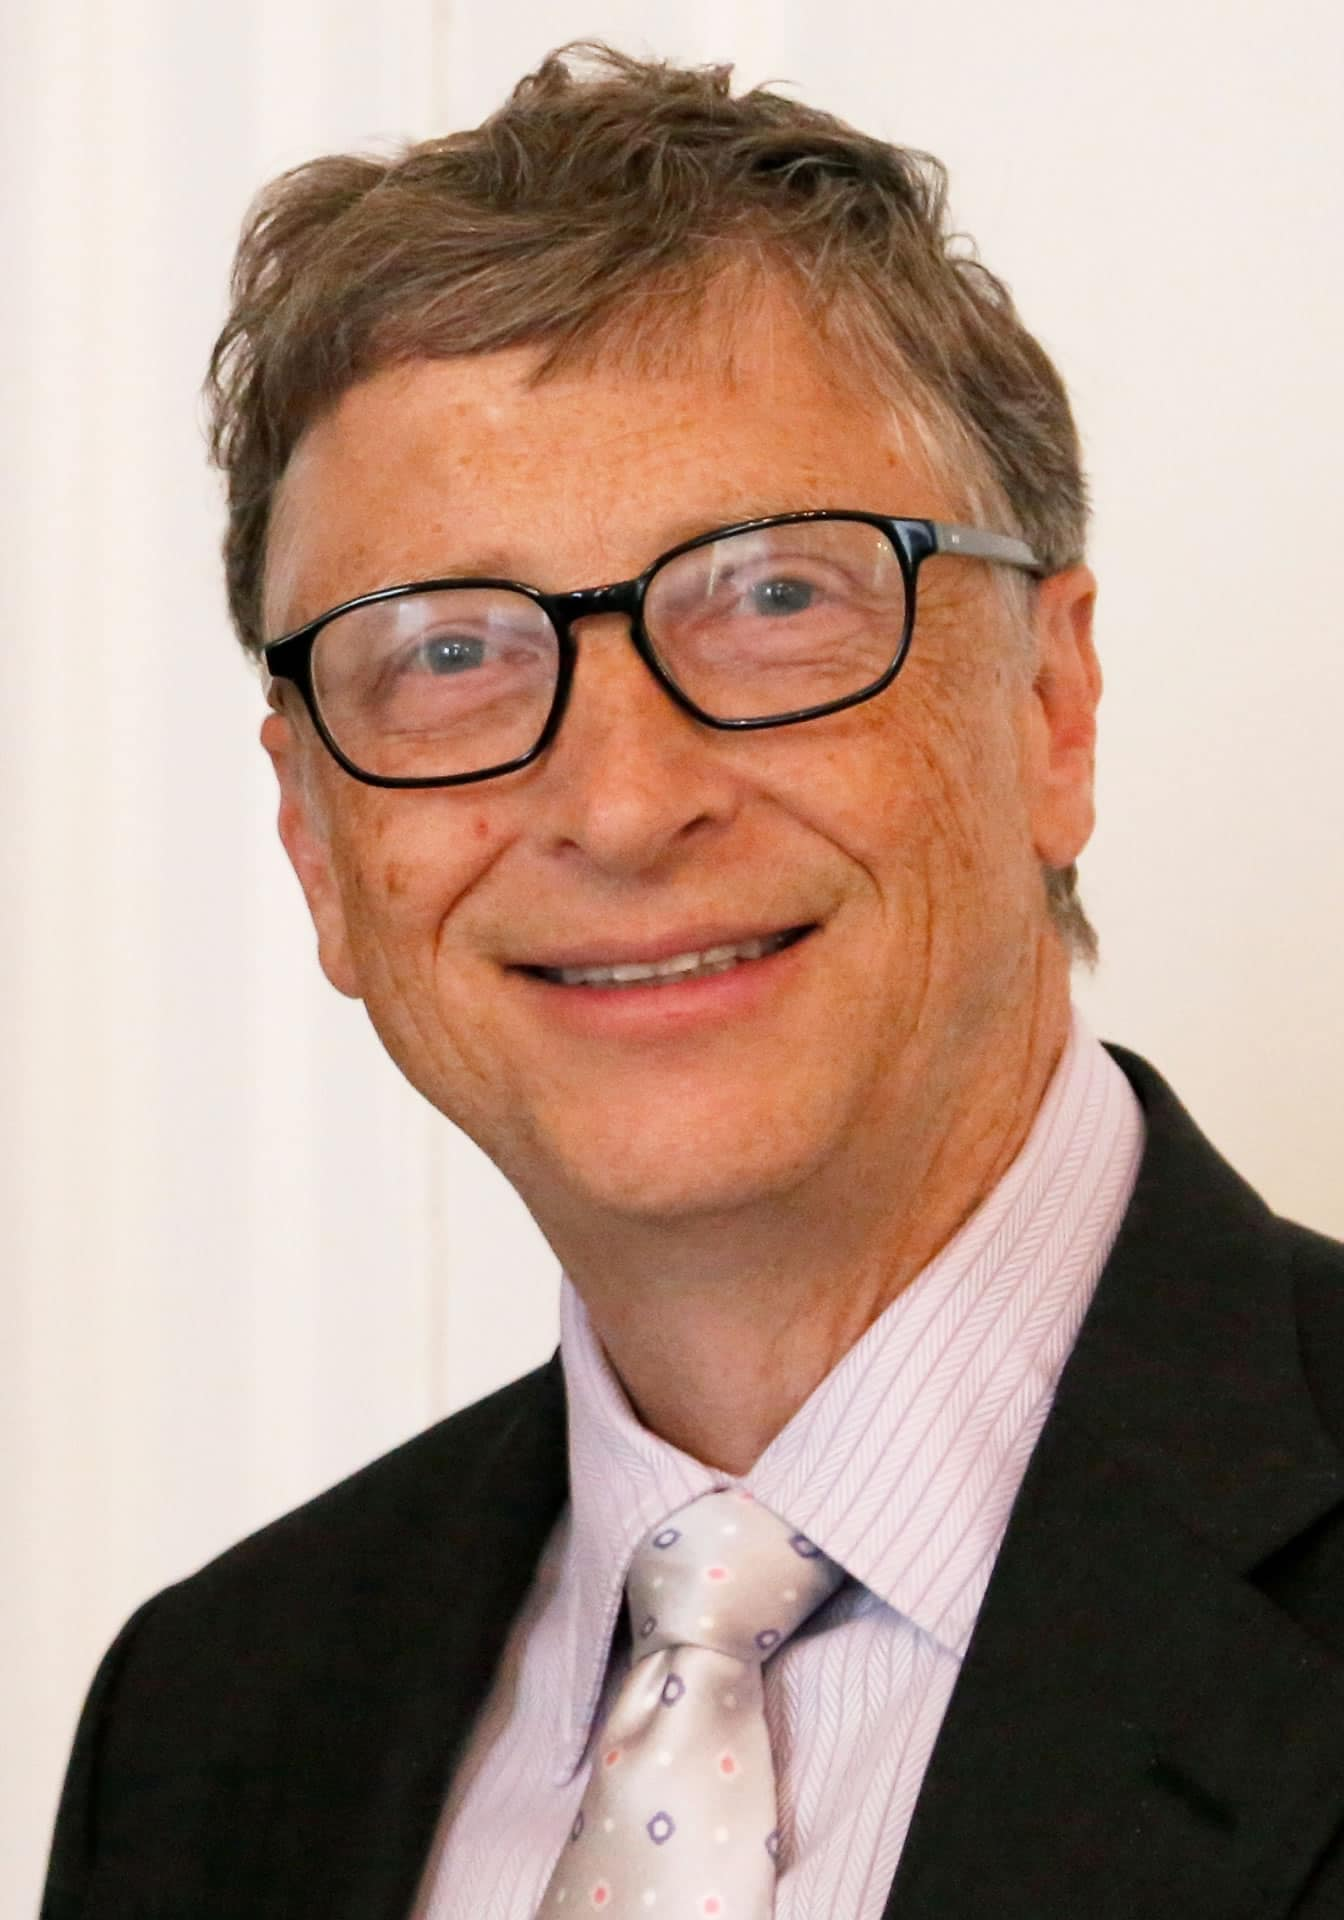 Die reichsten Menschen der Welt 2015 laut Forbes